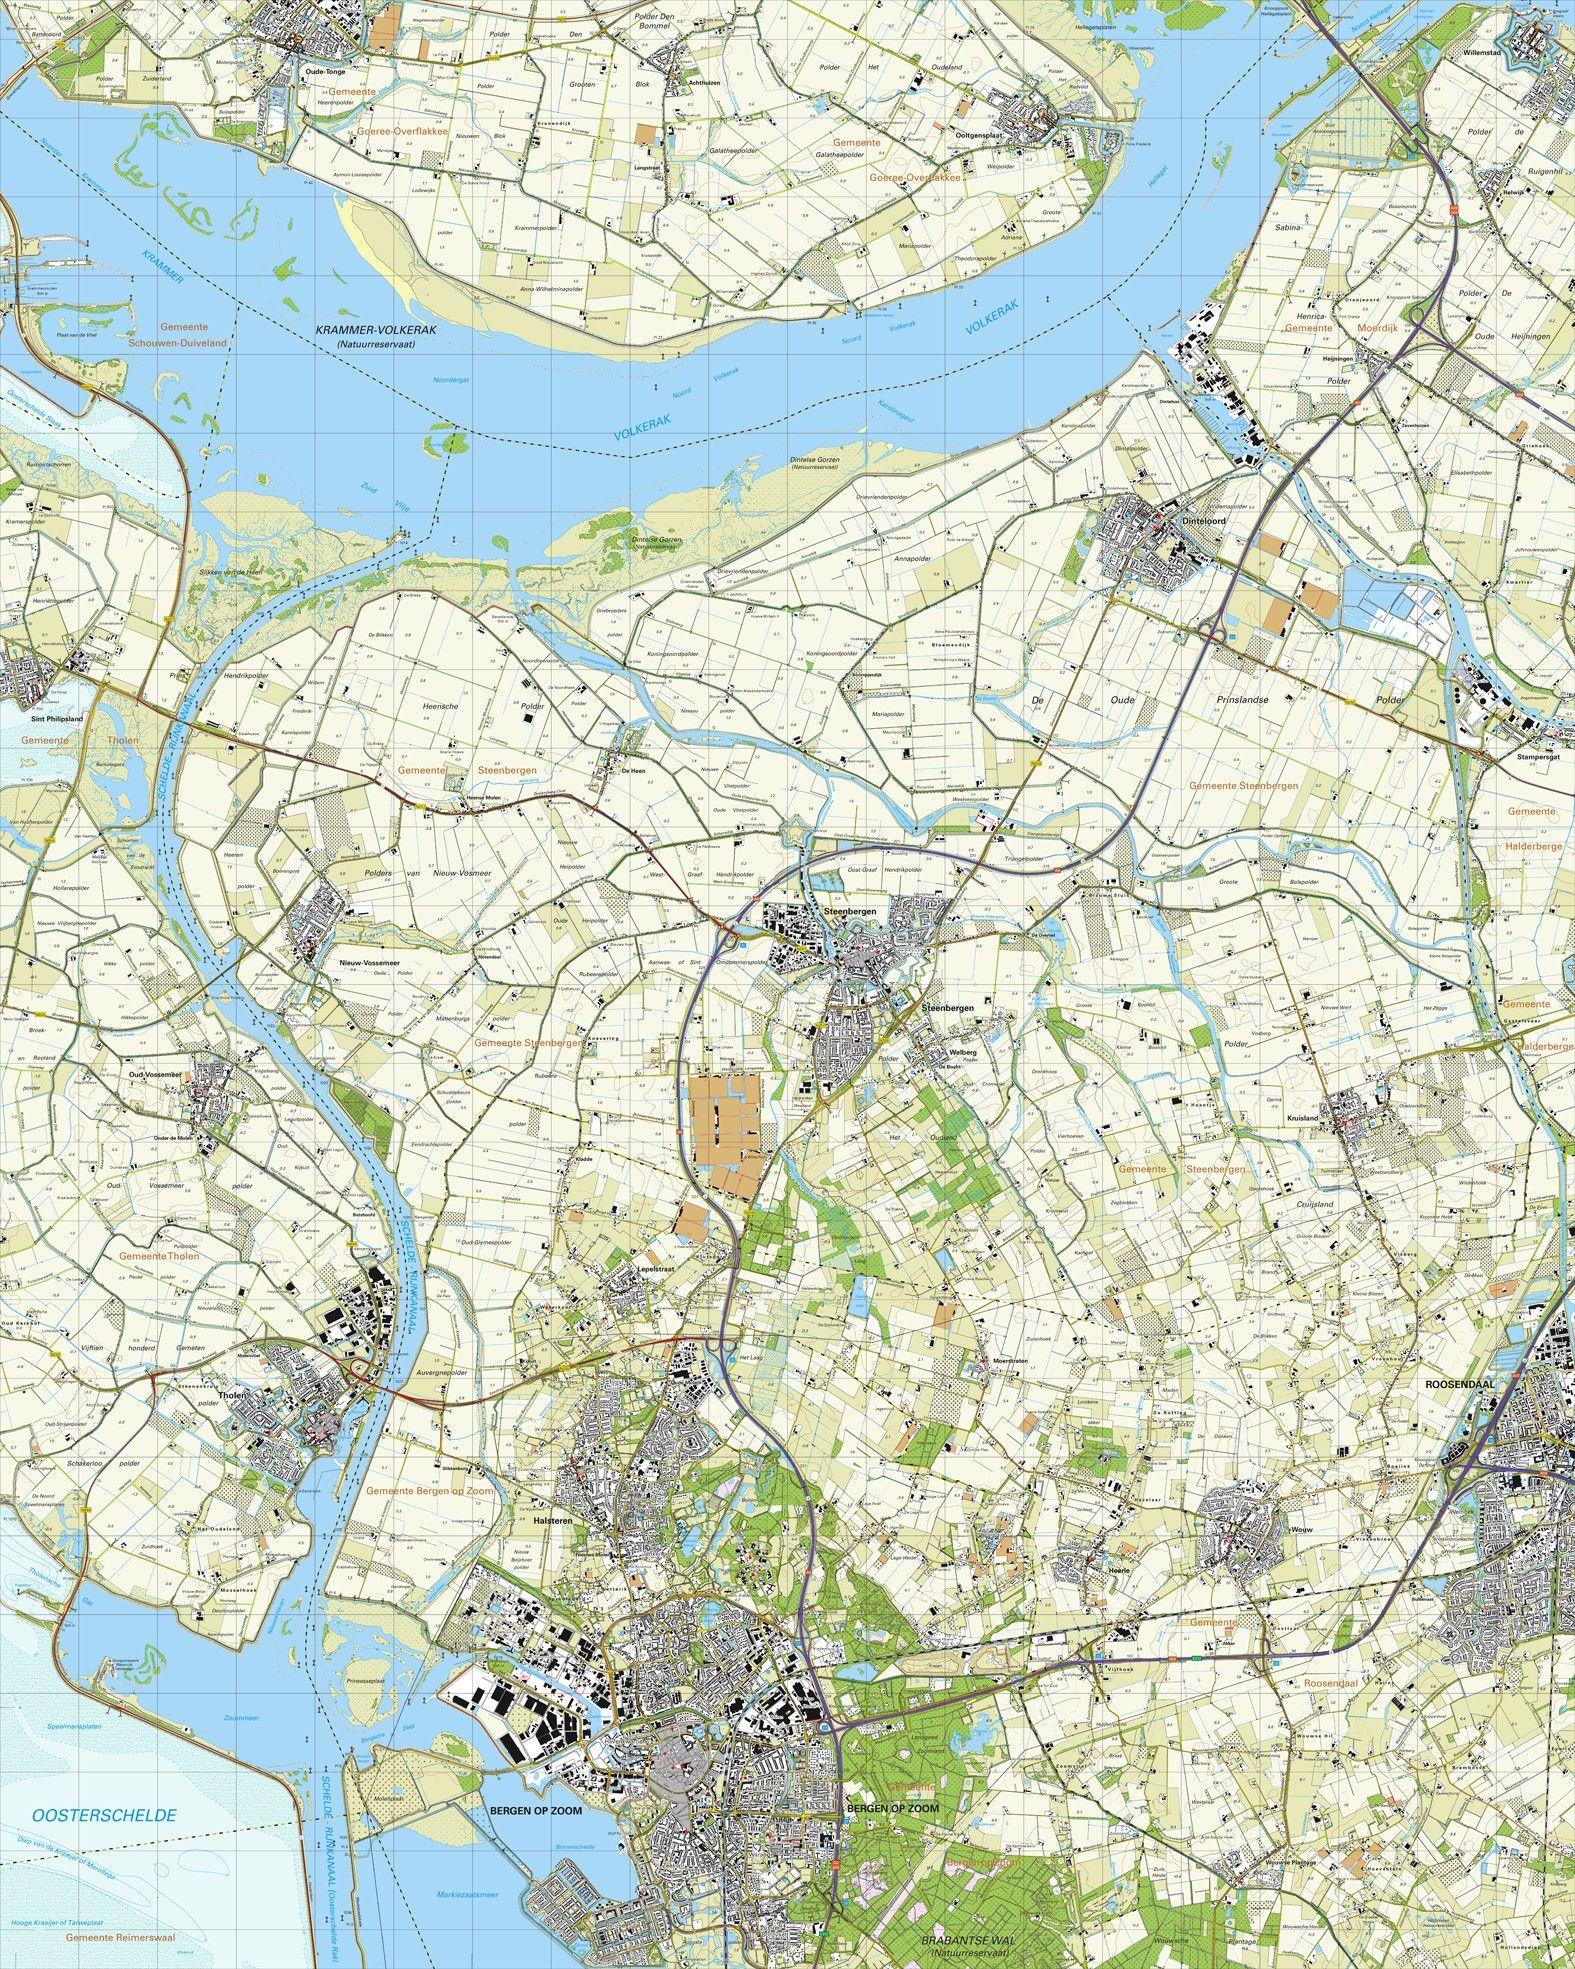 Topografische kaart schaal 1:25.000 (Bergen op Zoom Tholen, Halsteren, Steenbergen, Roosendaal, Dinteloord)